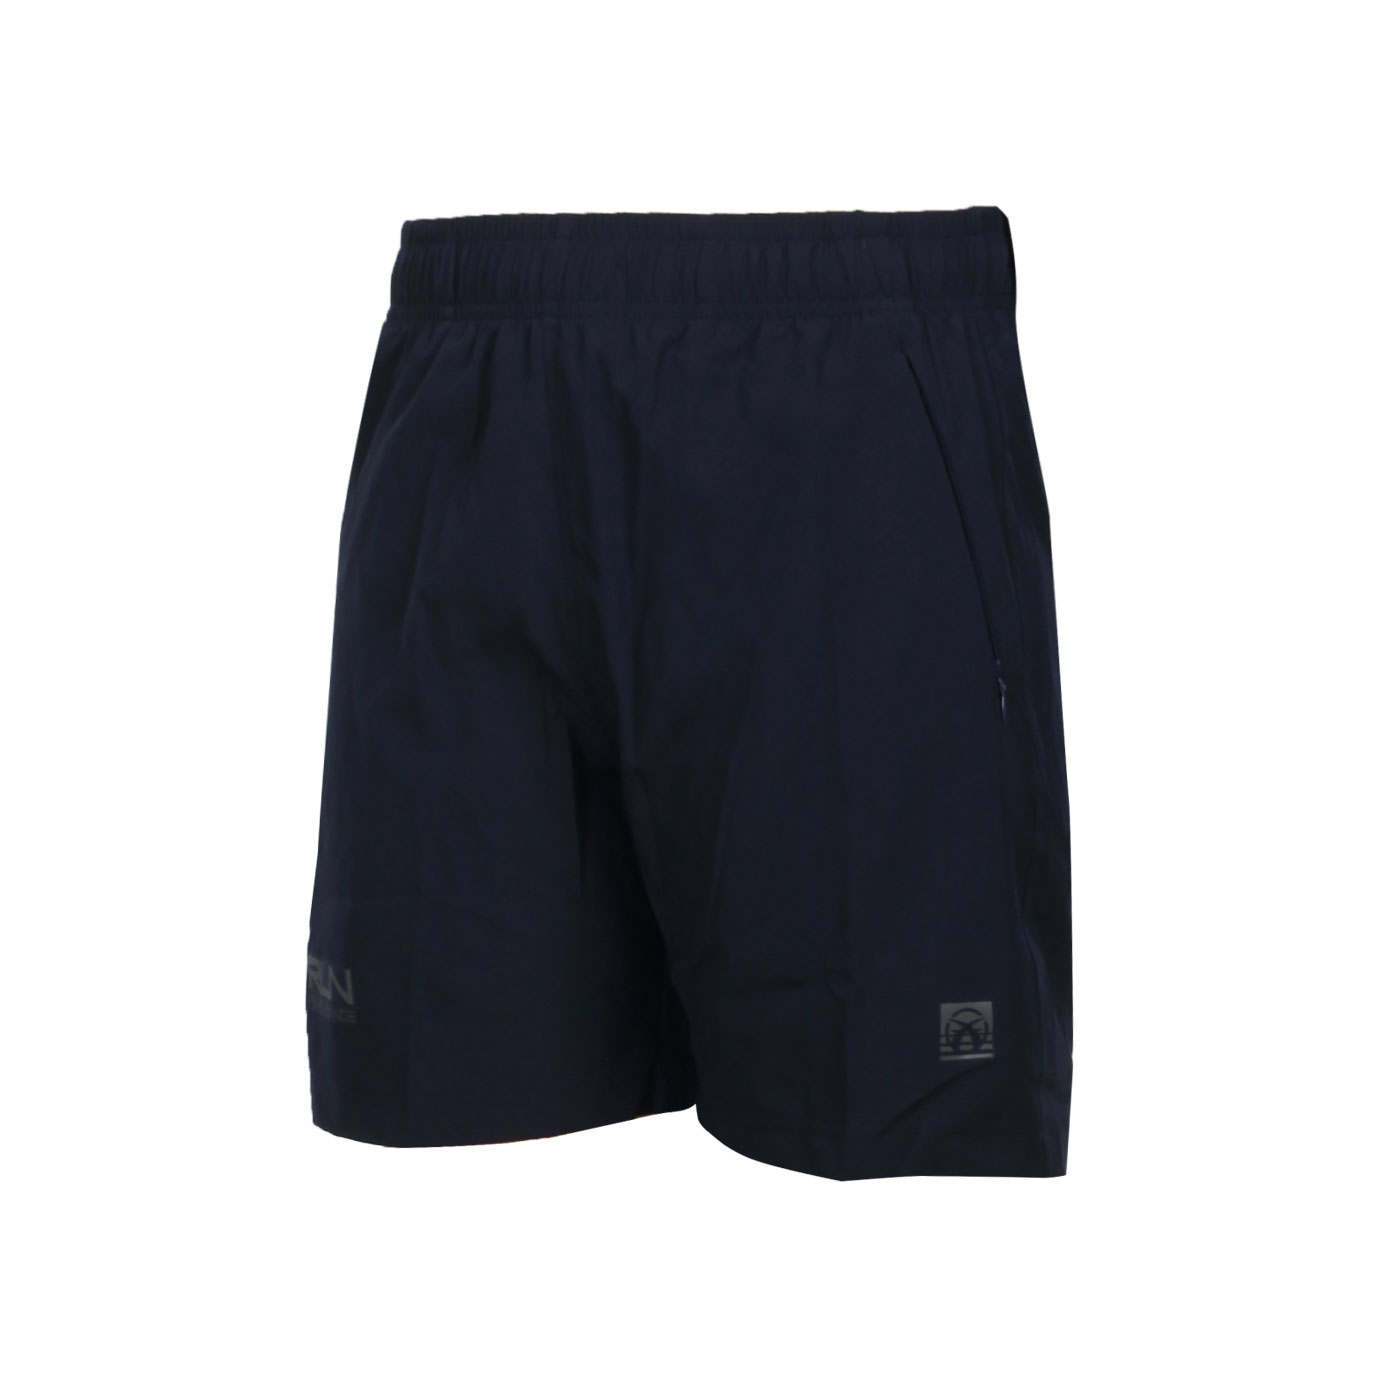 FIRESTAR 女款彈性平織短褲 CL025-10 - 丈青